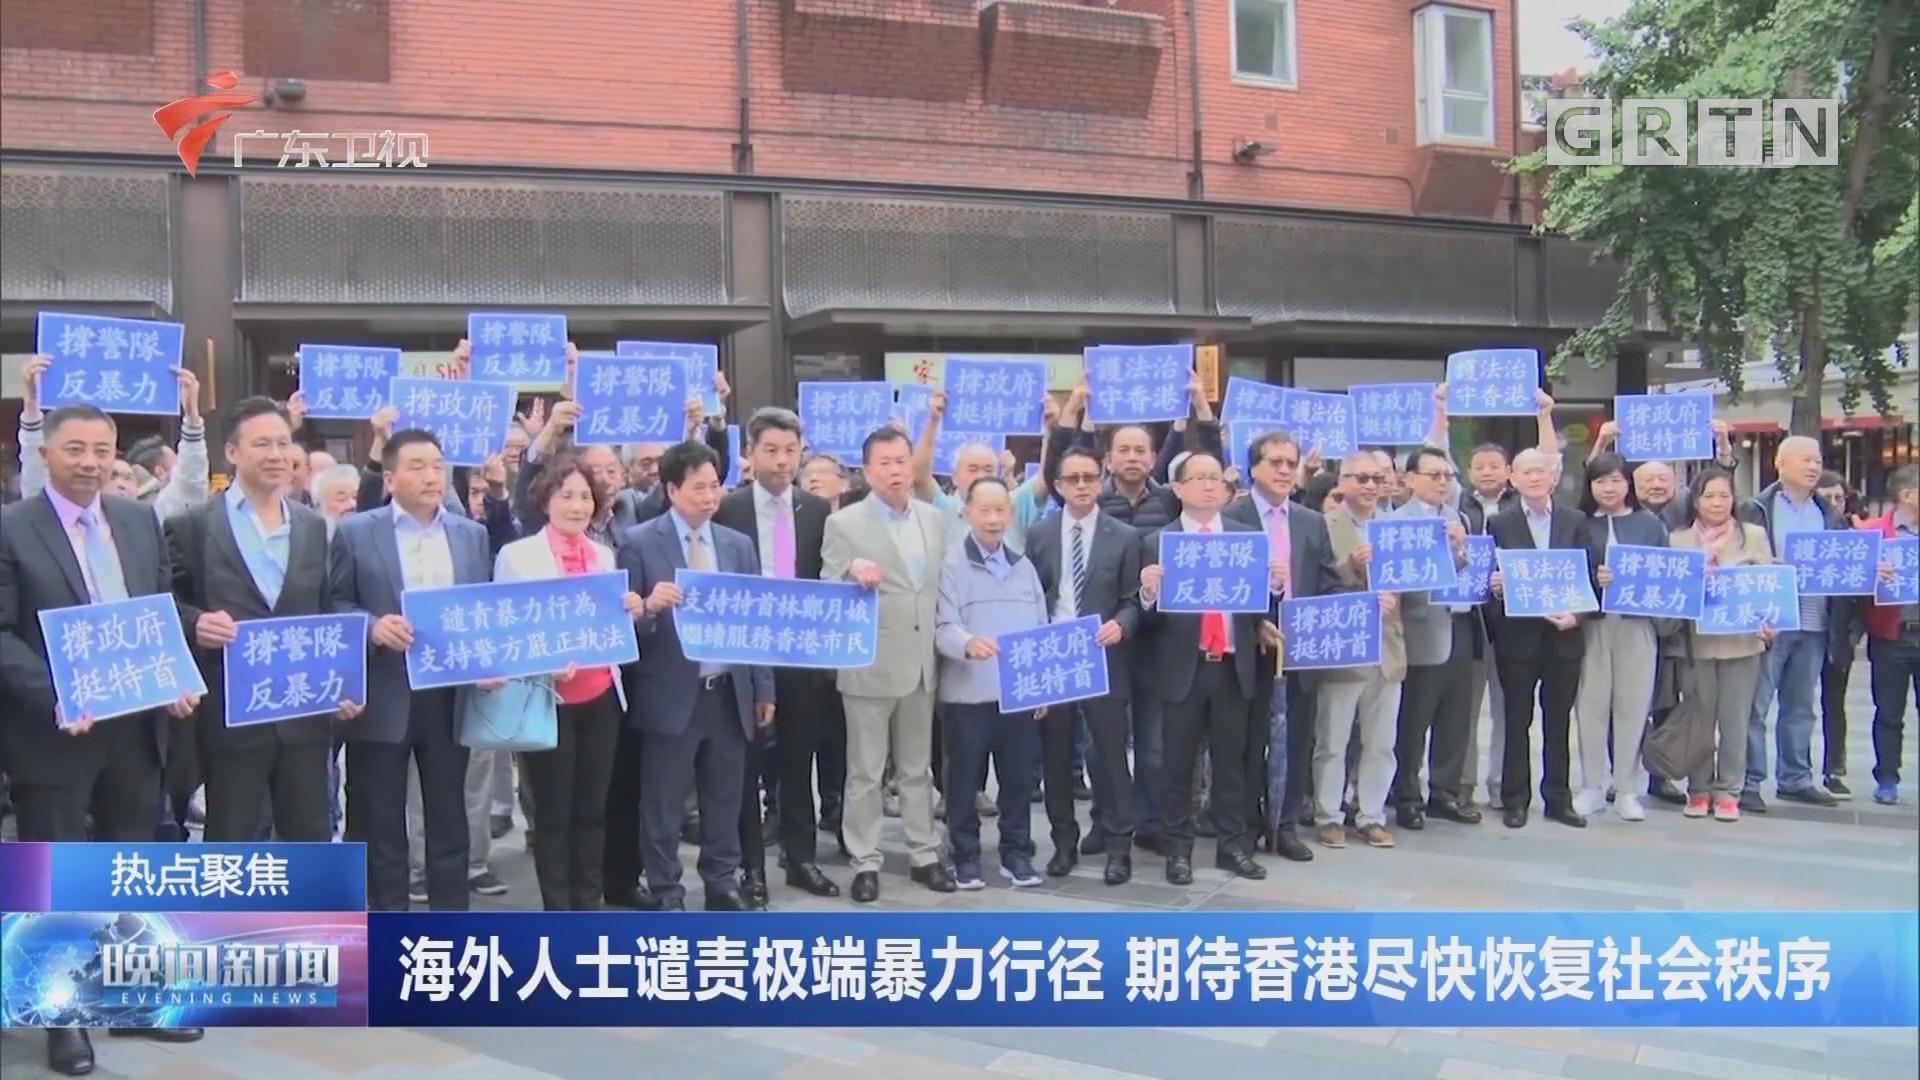 海外人士谴责极端暴力行径 期待香港尽快恢复社会秩序